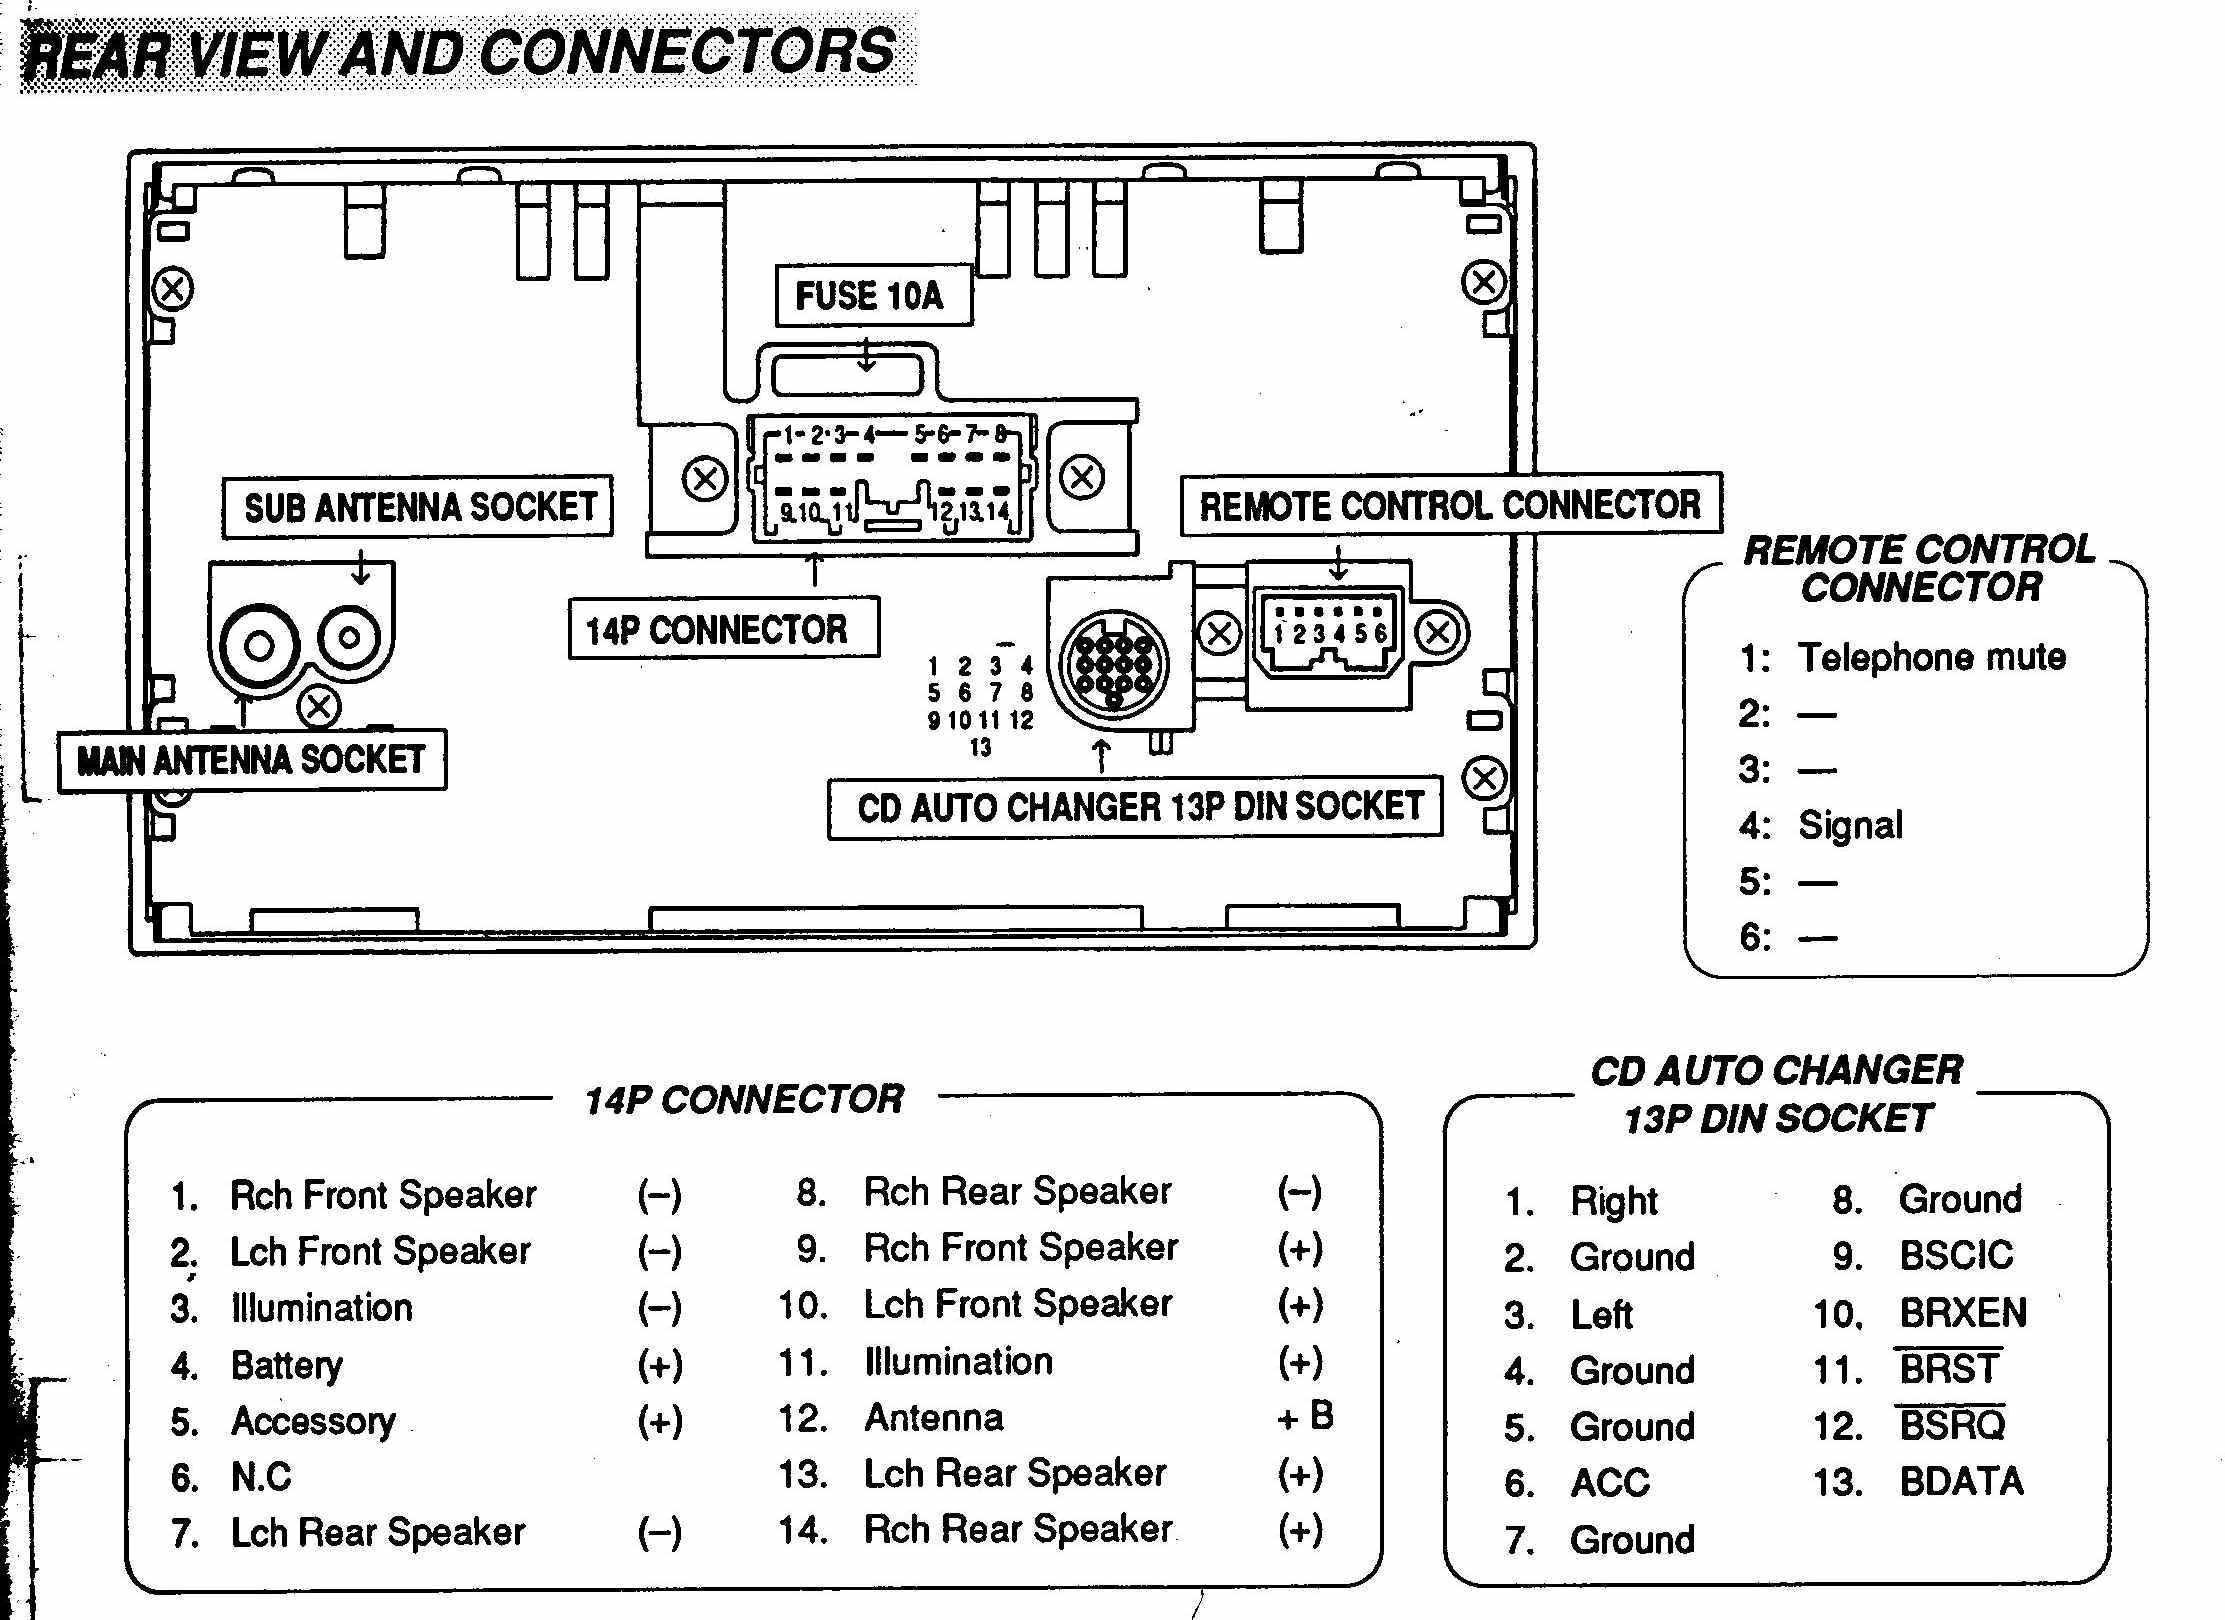 [NRIO_4796]   XK_6893] Orion Car Stereo Wiring Diagram Free Diagram | Orion Car Stereo Wiring Diagram |  | Etic Egre Sputa Ostr Garna Mohammedshrine Librar Wiring 101